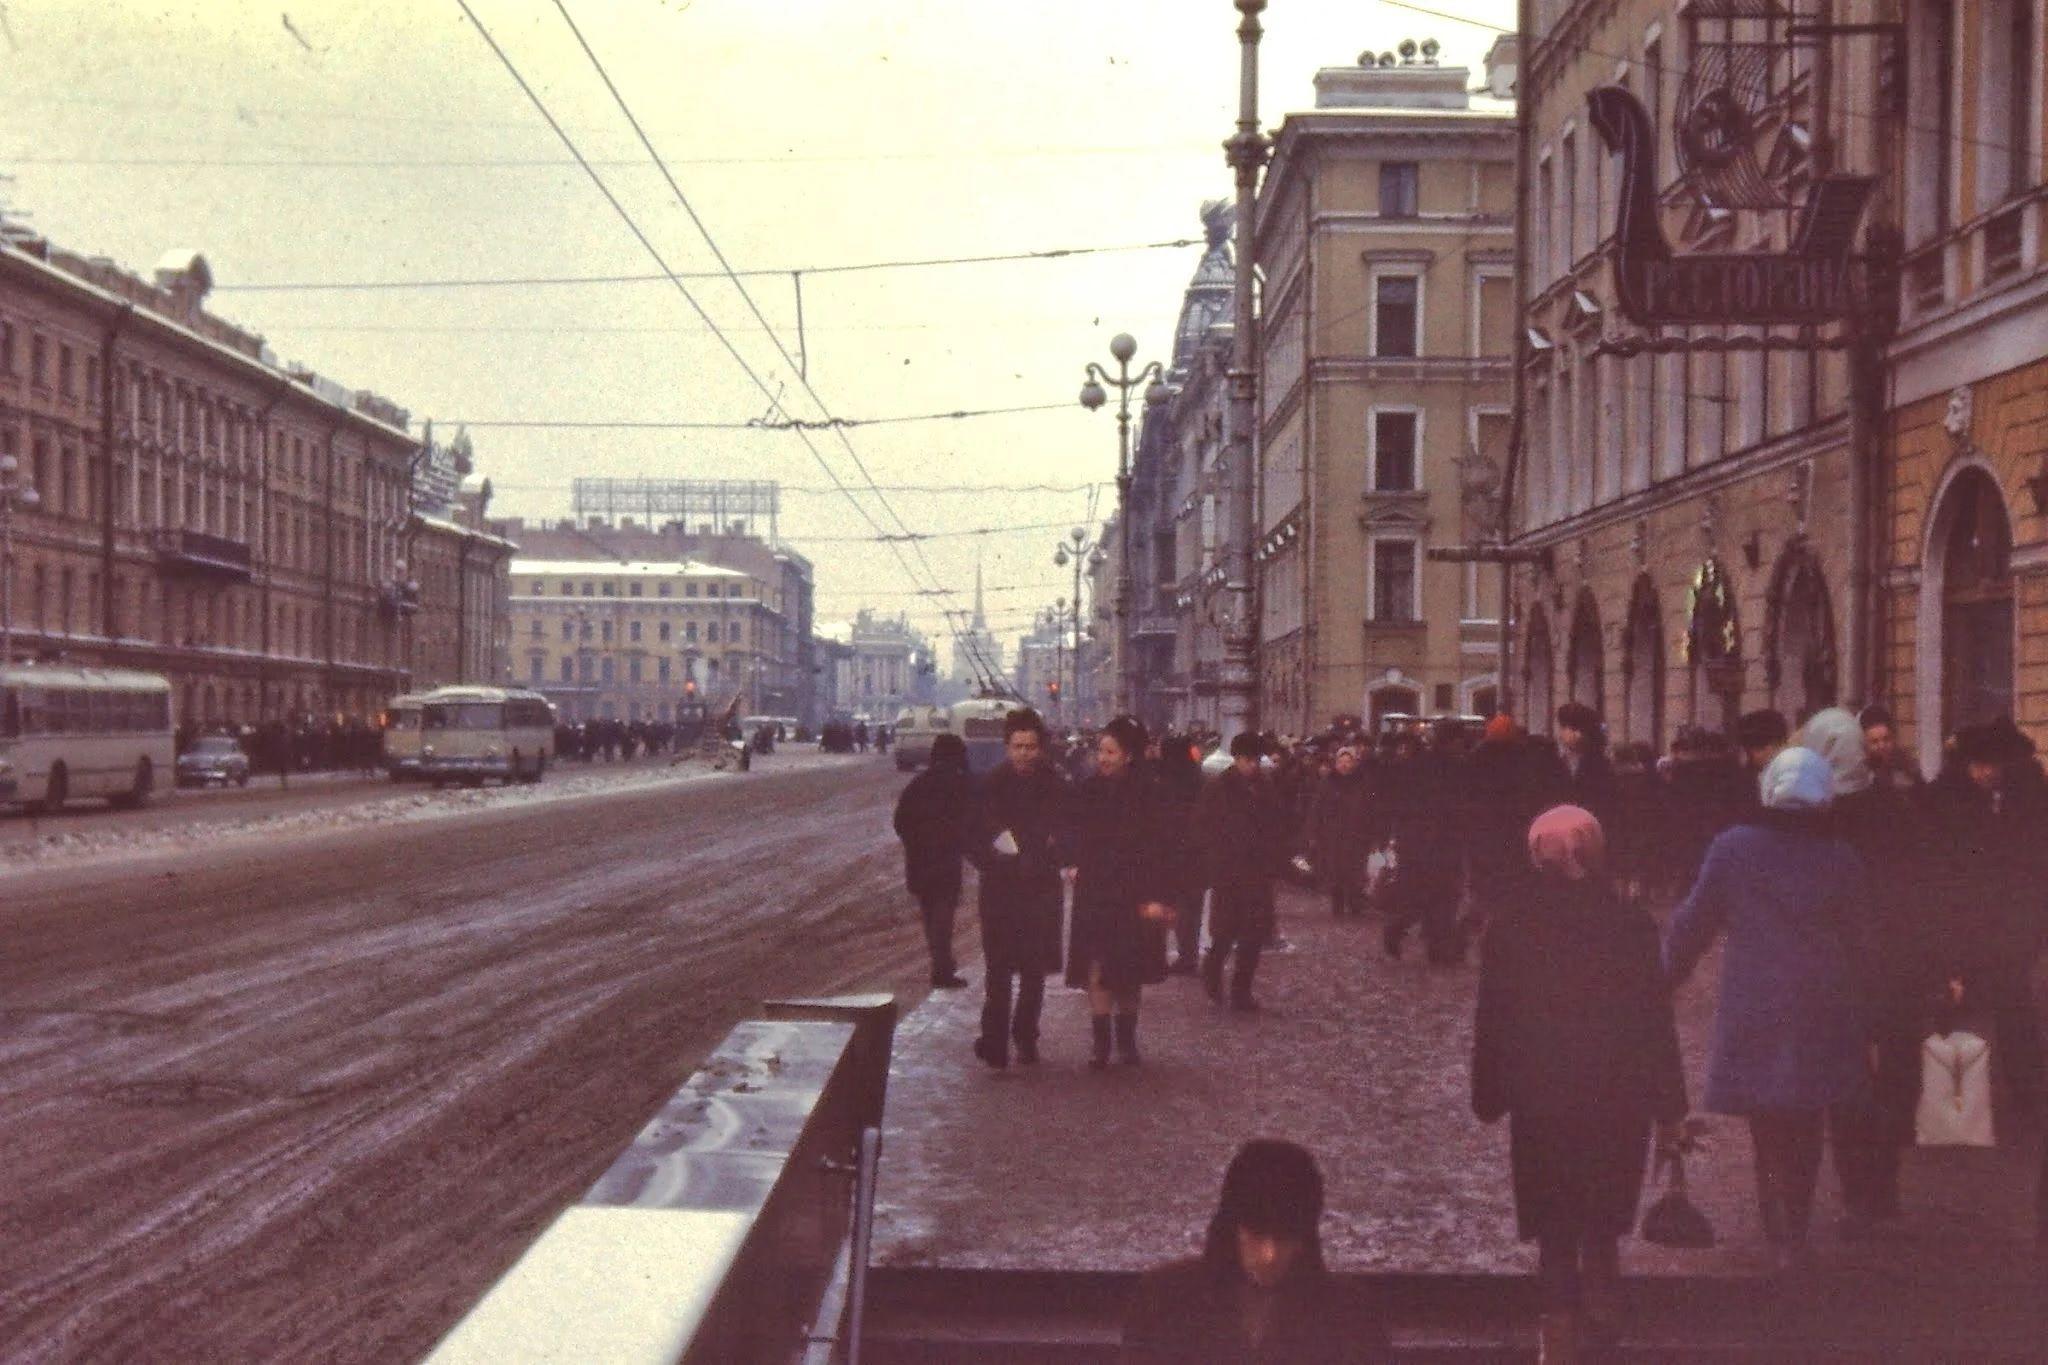 Невский проспект. Главная улица Ленинграда. Однажды вечером мы с Гарри Леноблем отправились в один из ресторанов в подвале на этой улице. Официанты проигнорировали нас. И после долгого ожидания мы ушли, так и не поев